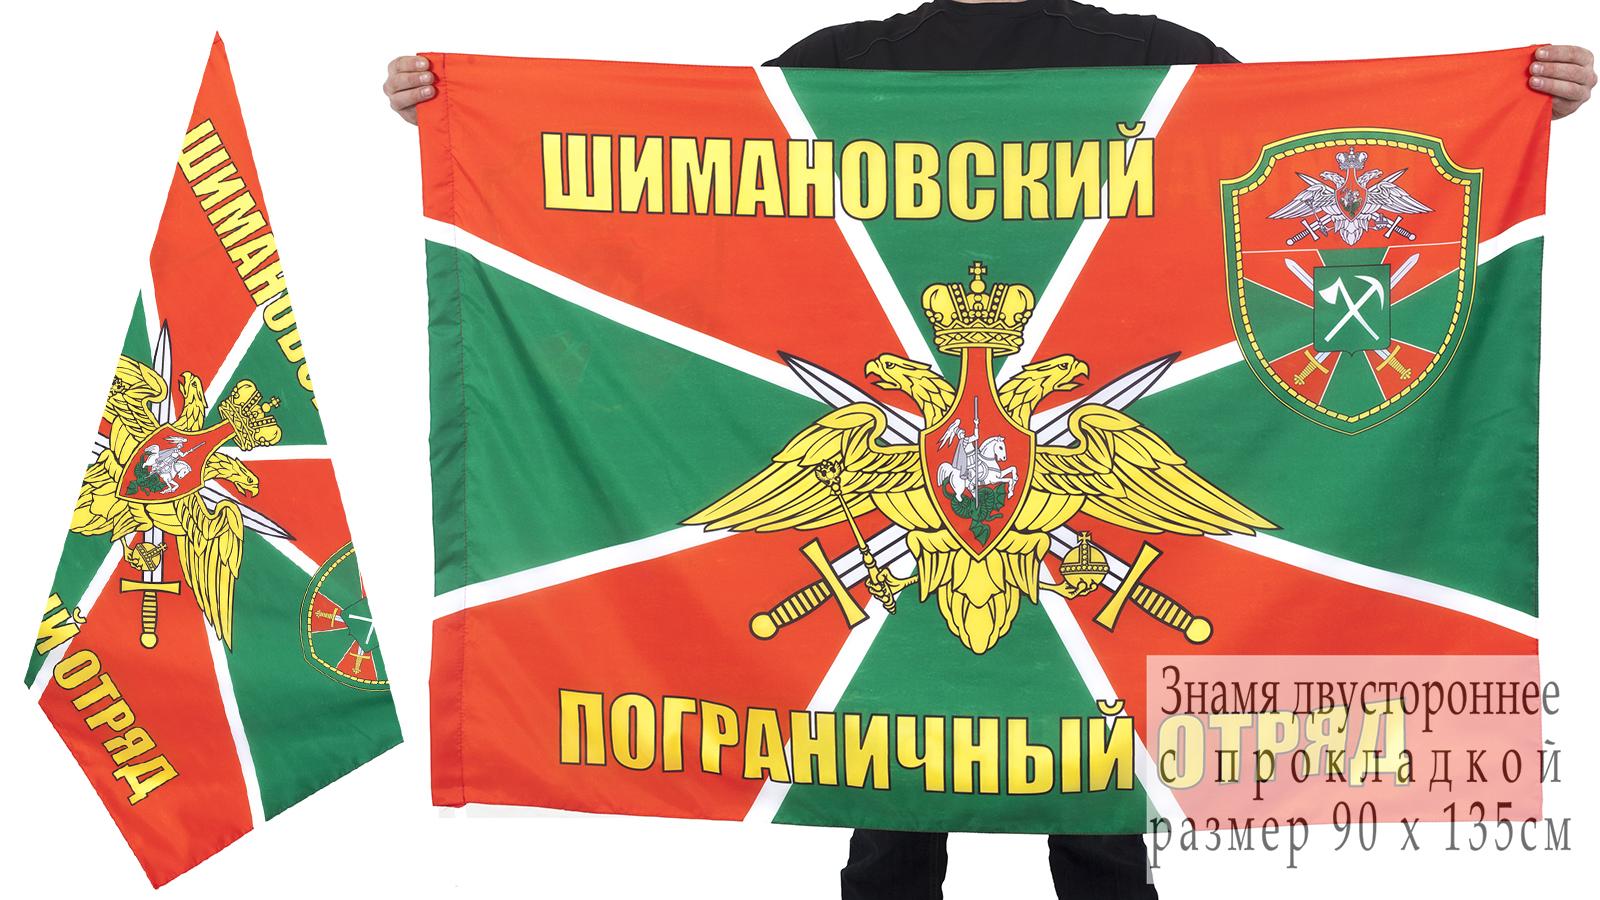 Двухсторонний флаг 78-го Шимановского пограничного отряда